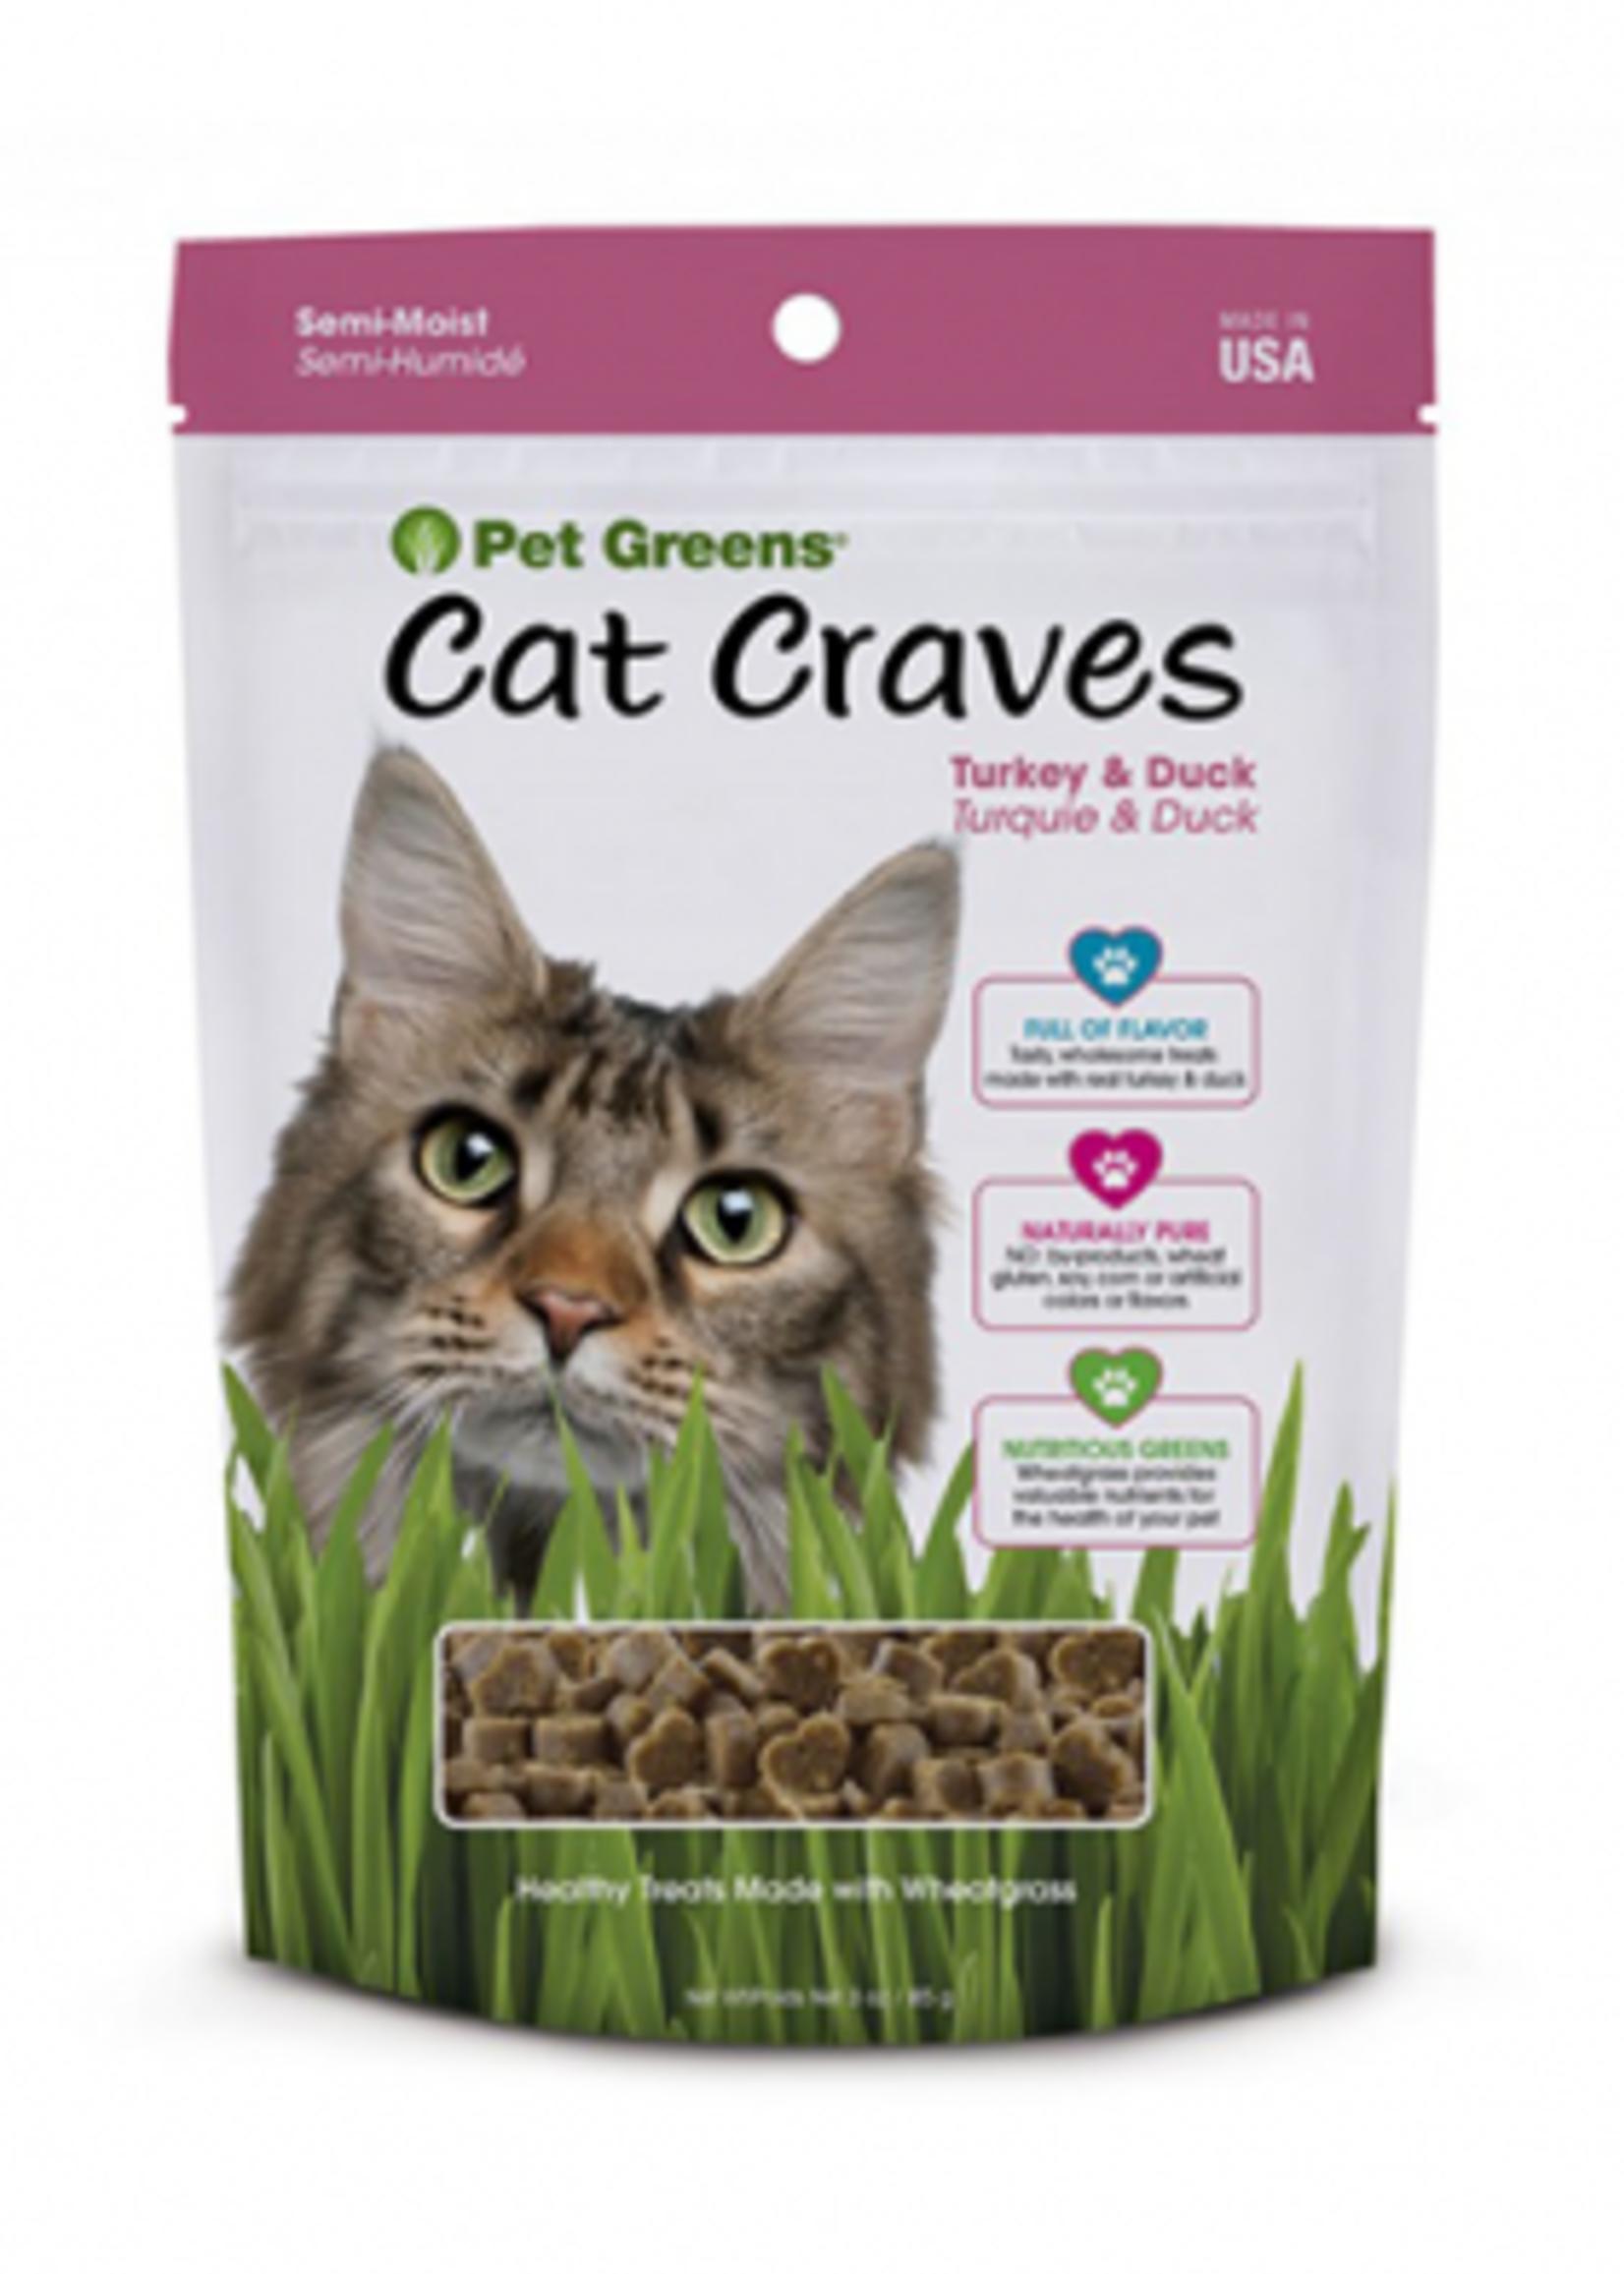 Pet Greens® Pet Greens Cat Craves Turkey & Duck 3oz